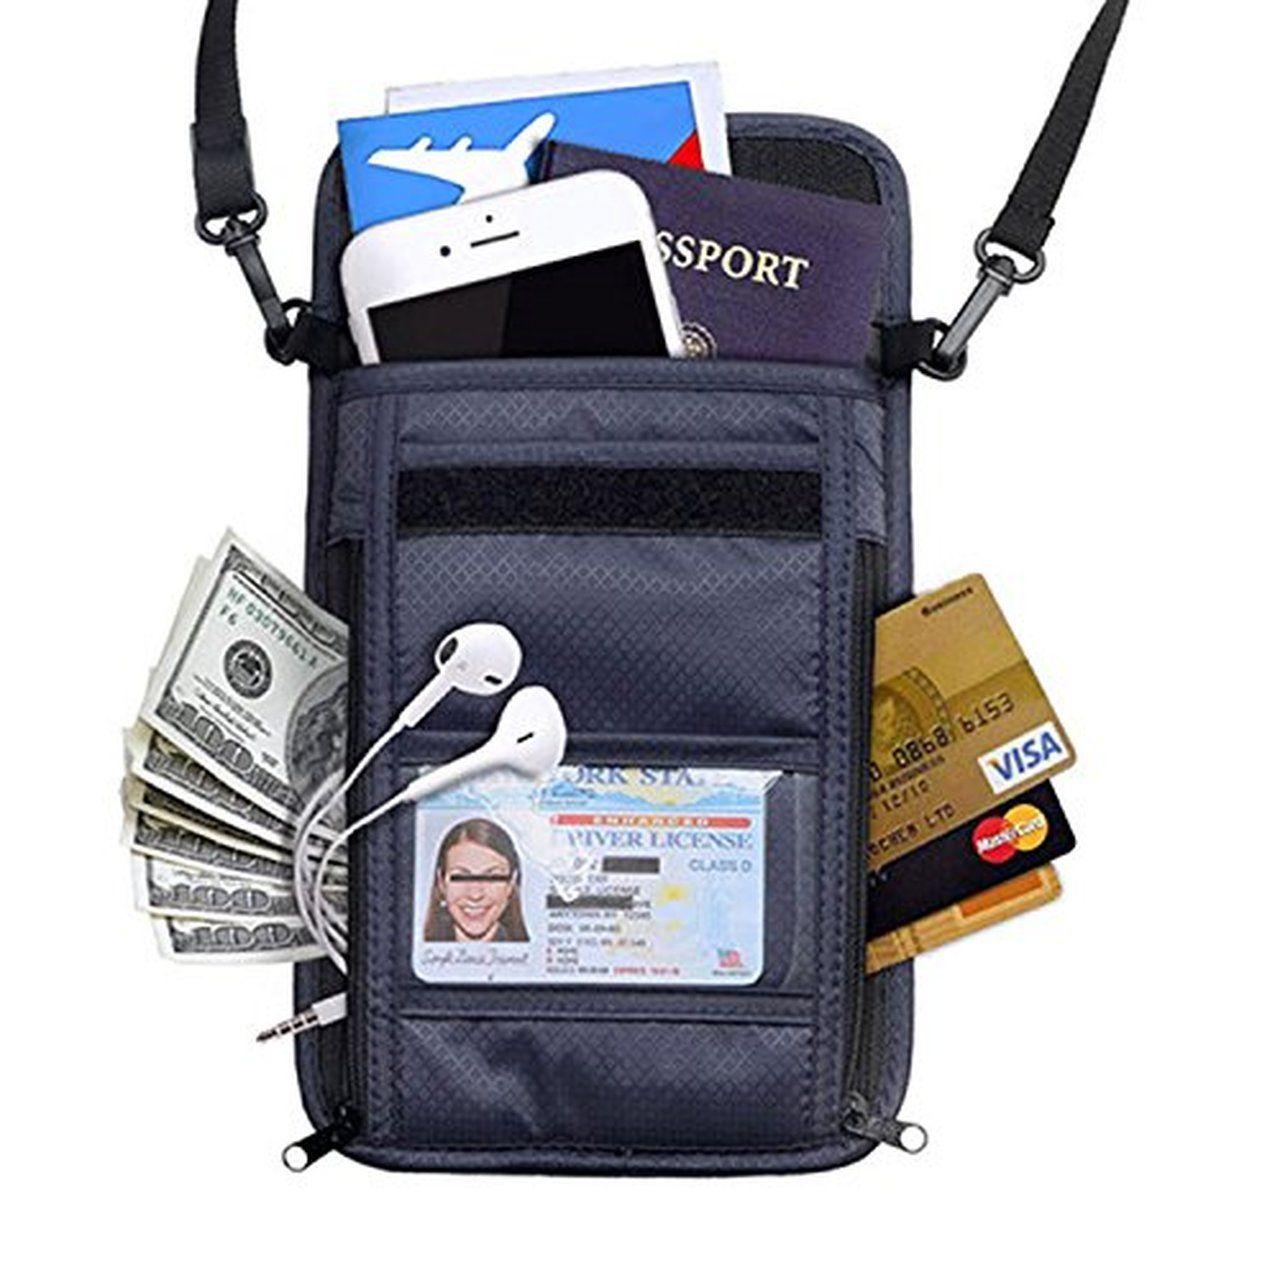 RFID Blocking Passport Holder Wallet with Neck Stash Pouch